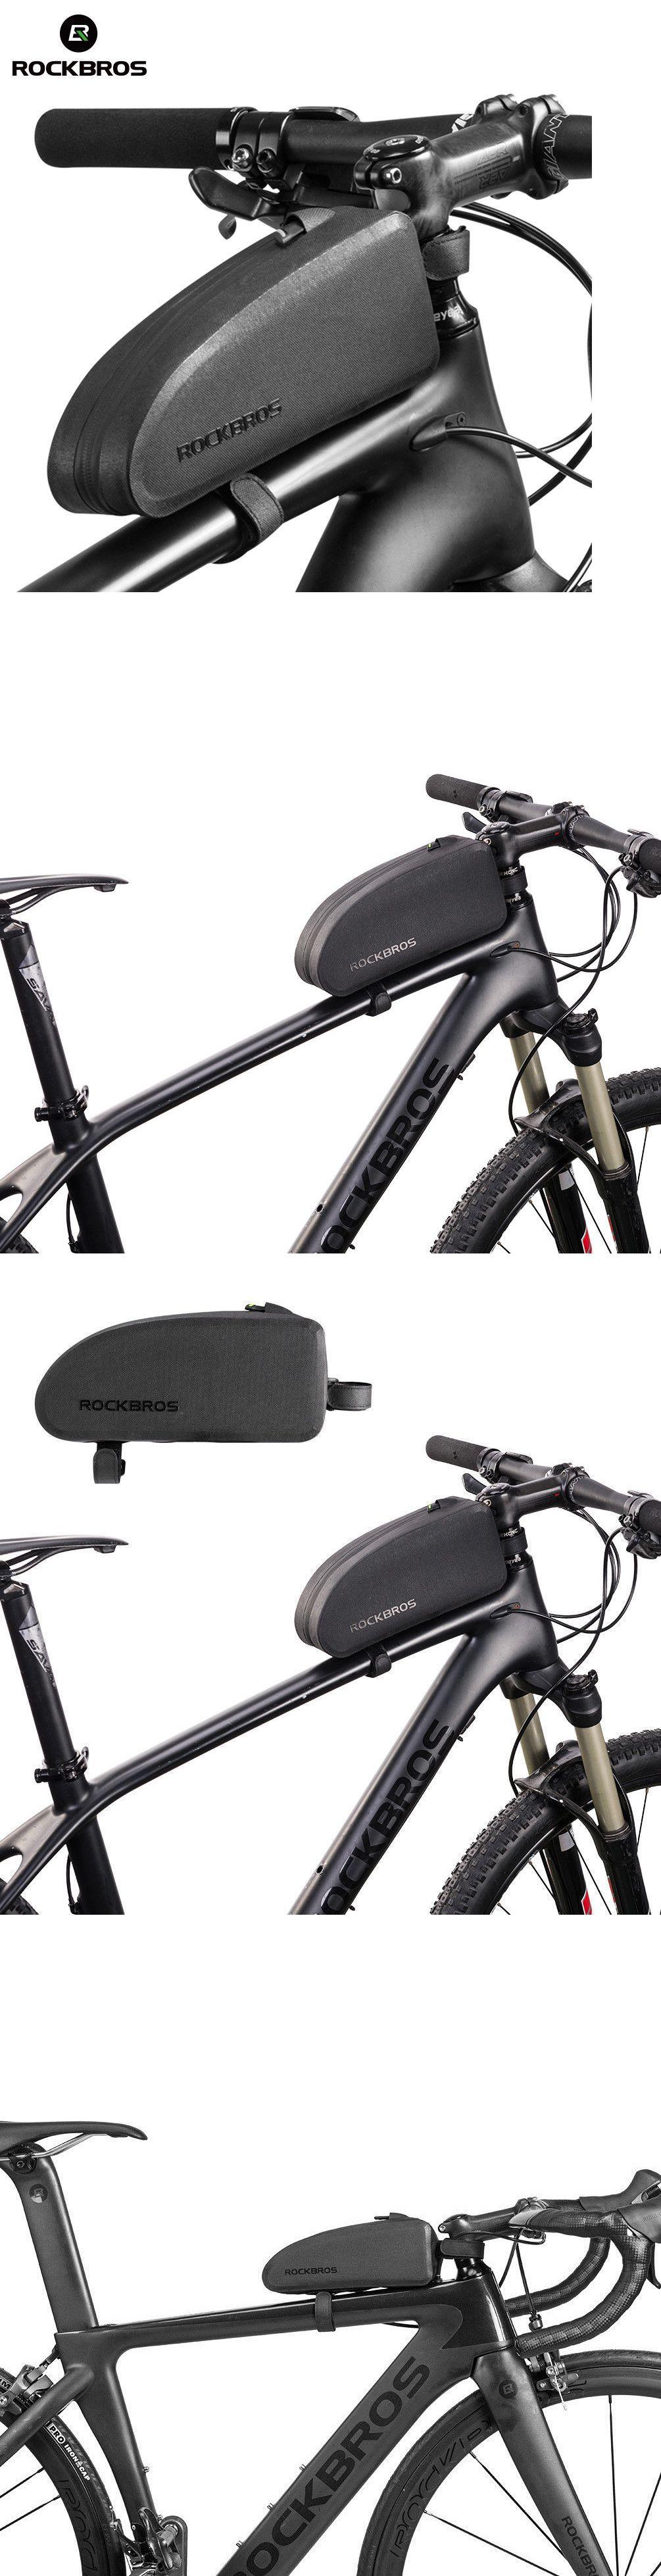 Bags and Panniers 177833: Rockbros Mtb Road Bike Bag Waterproof ...